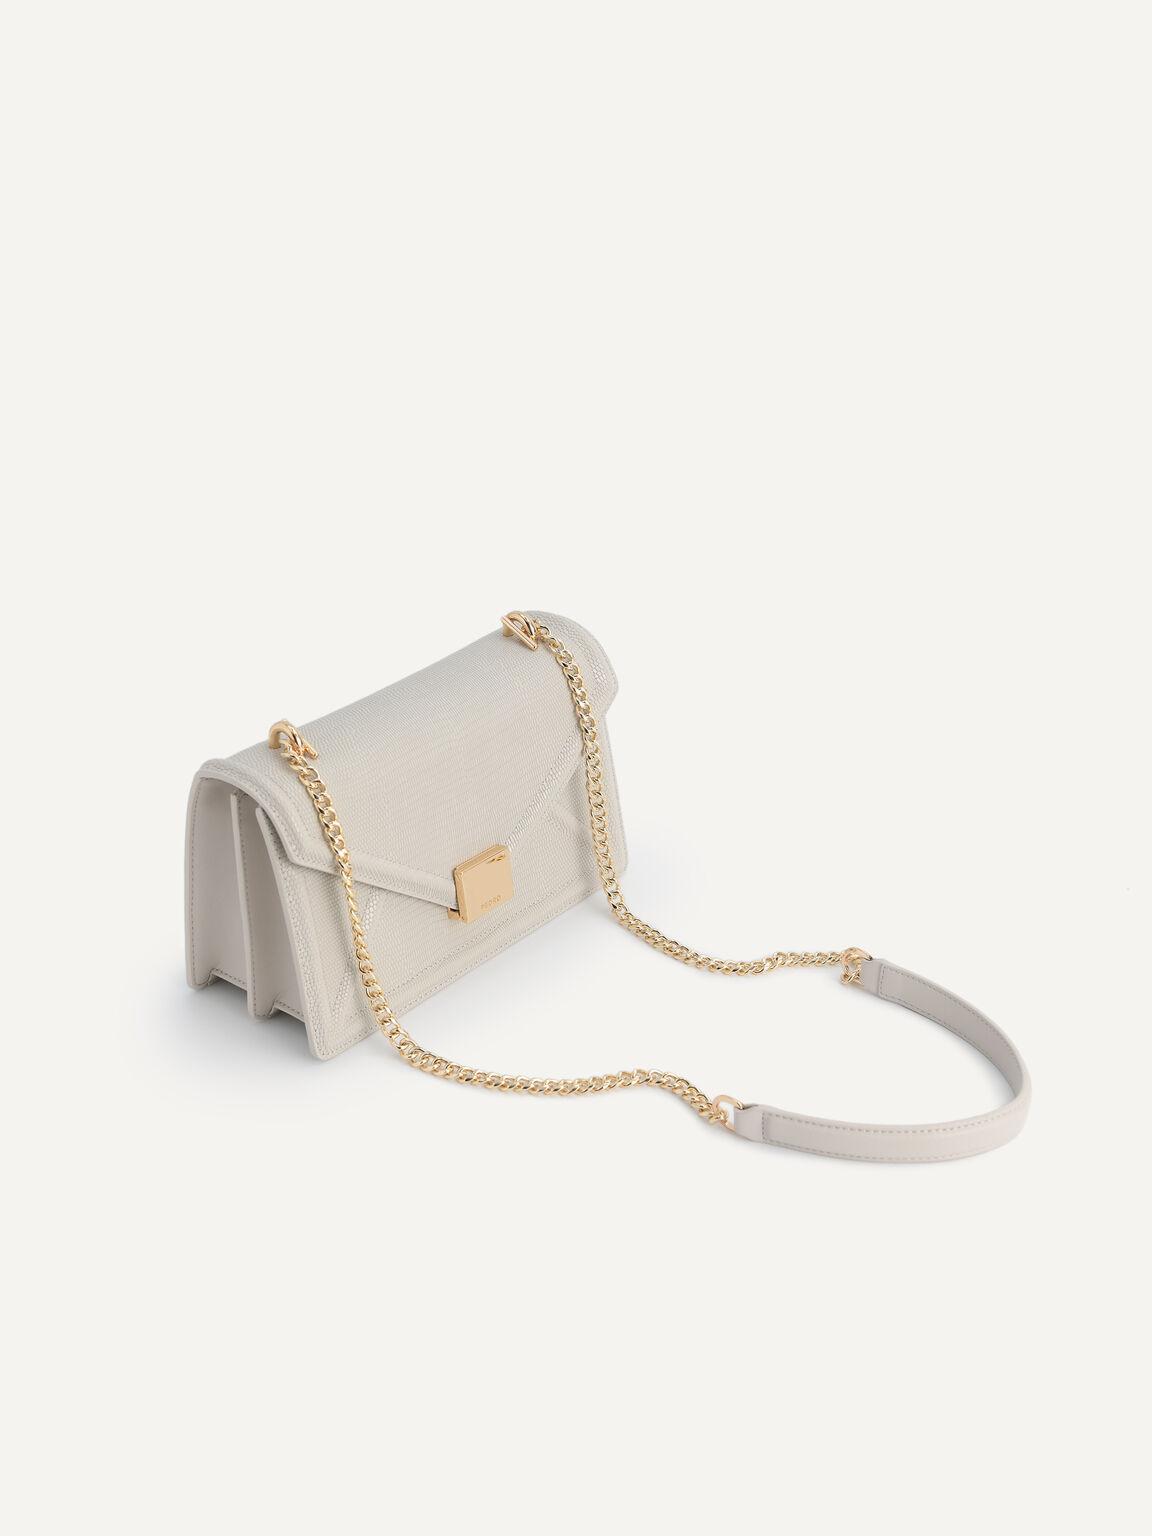 Lizard-Effect Leather Envelope Shoulder Bag, Taupe, hi-res